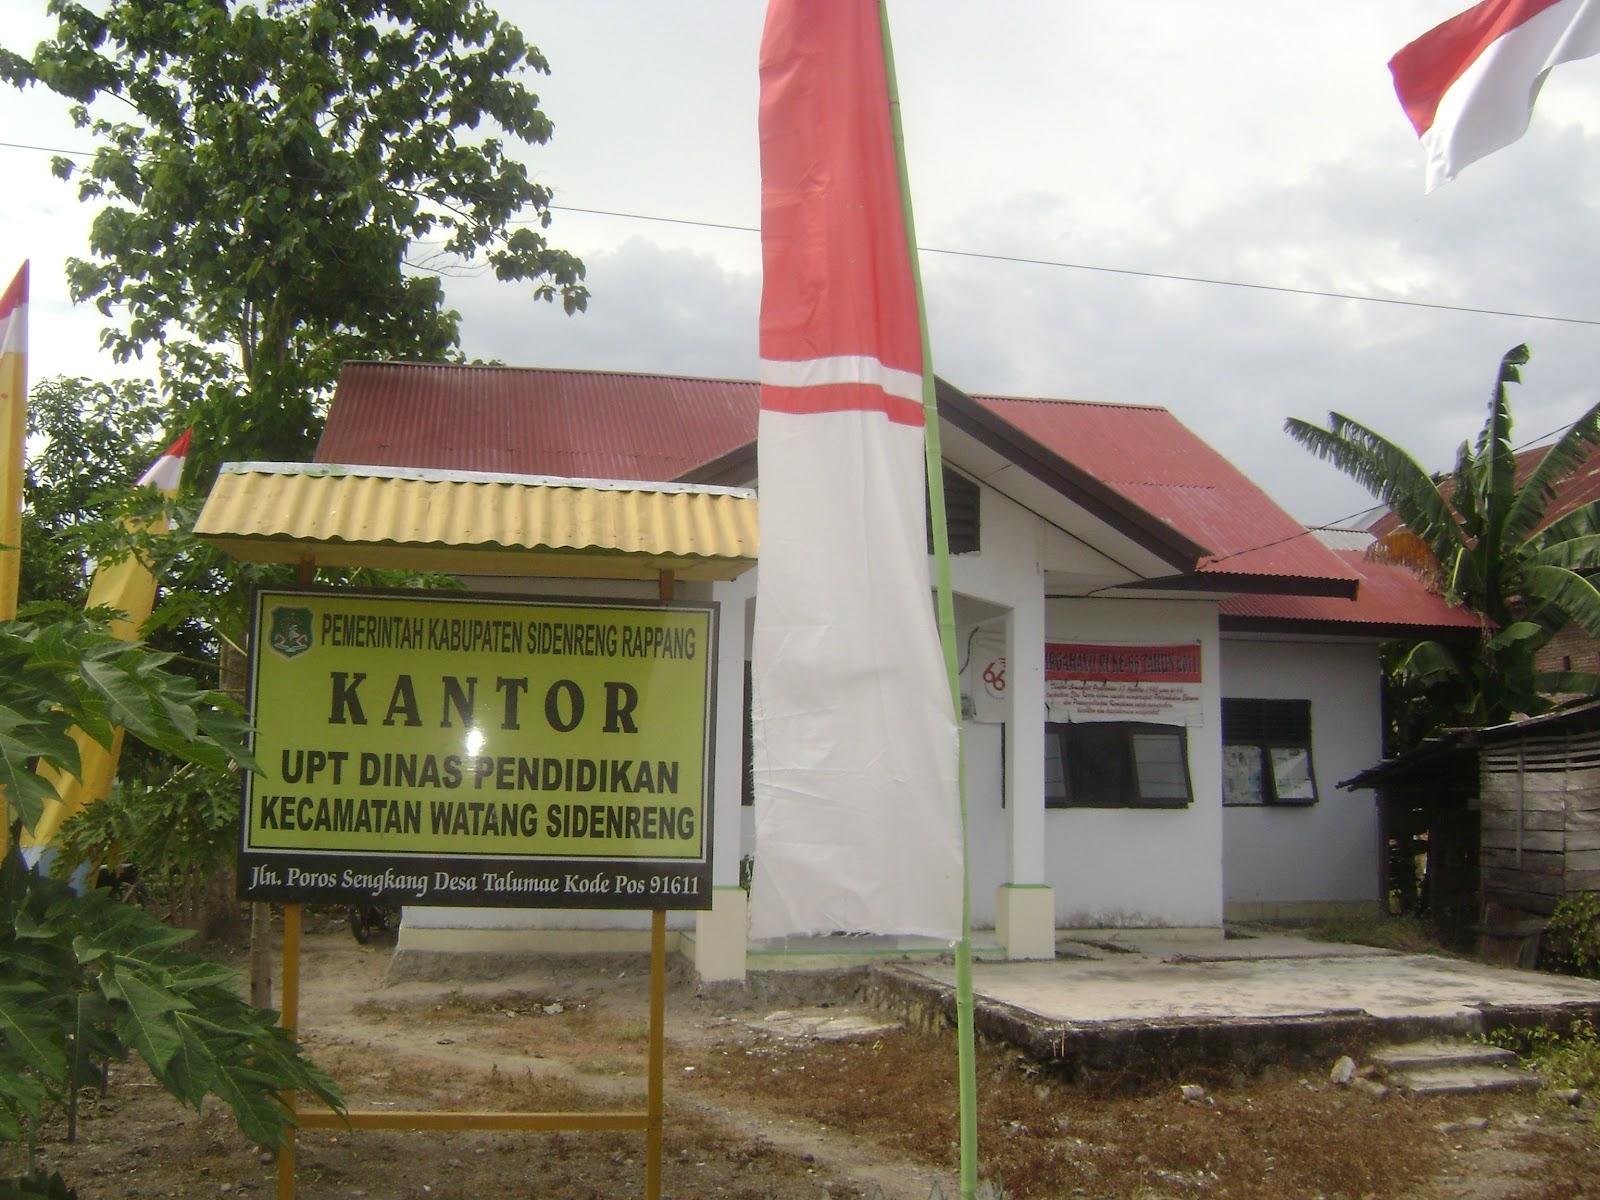 Kantor UPT Dinas Pendidikan Kec. Watang Sidenreng .